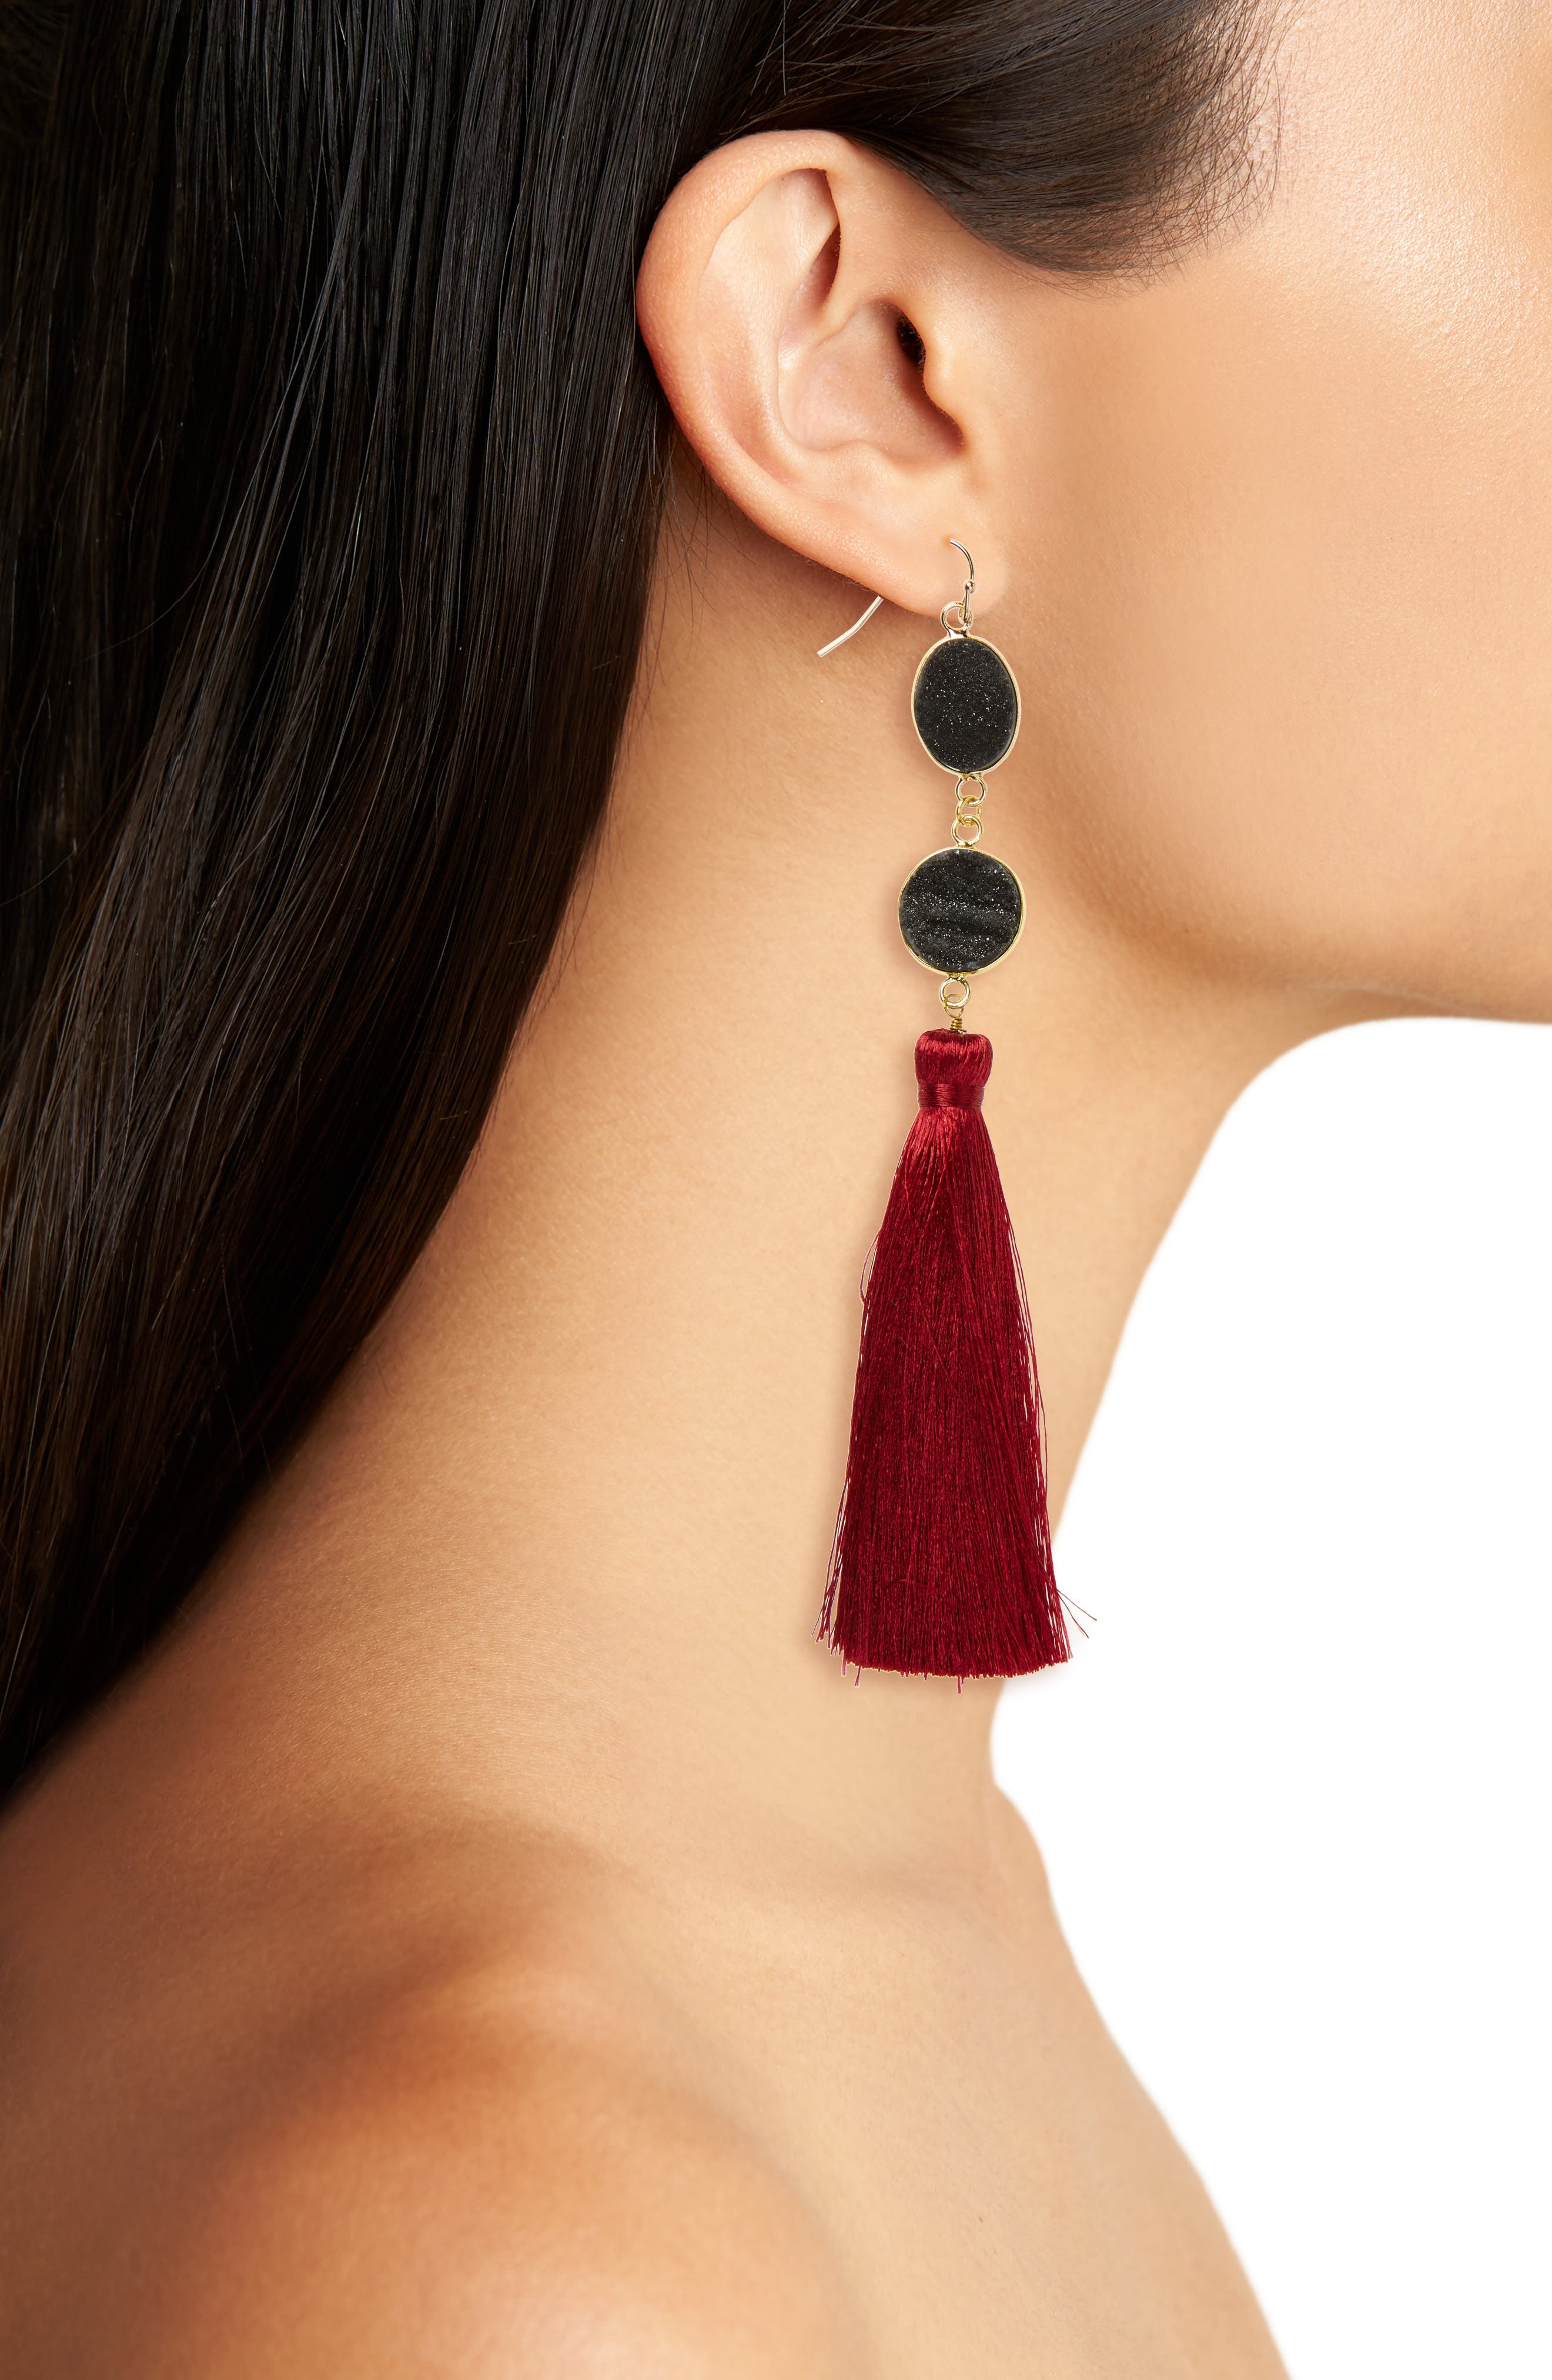 Drusy Quartz Tassel Earrings,                             Alternate thumbnail 2, color,                             Multi